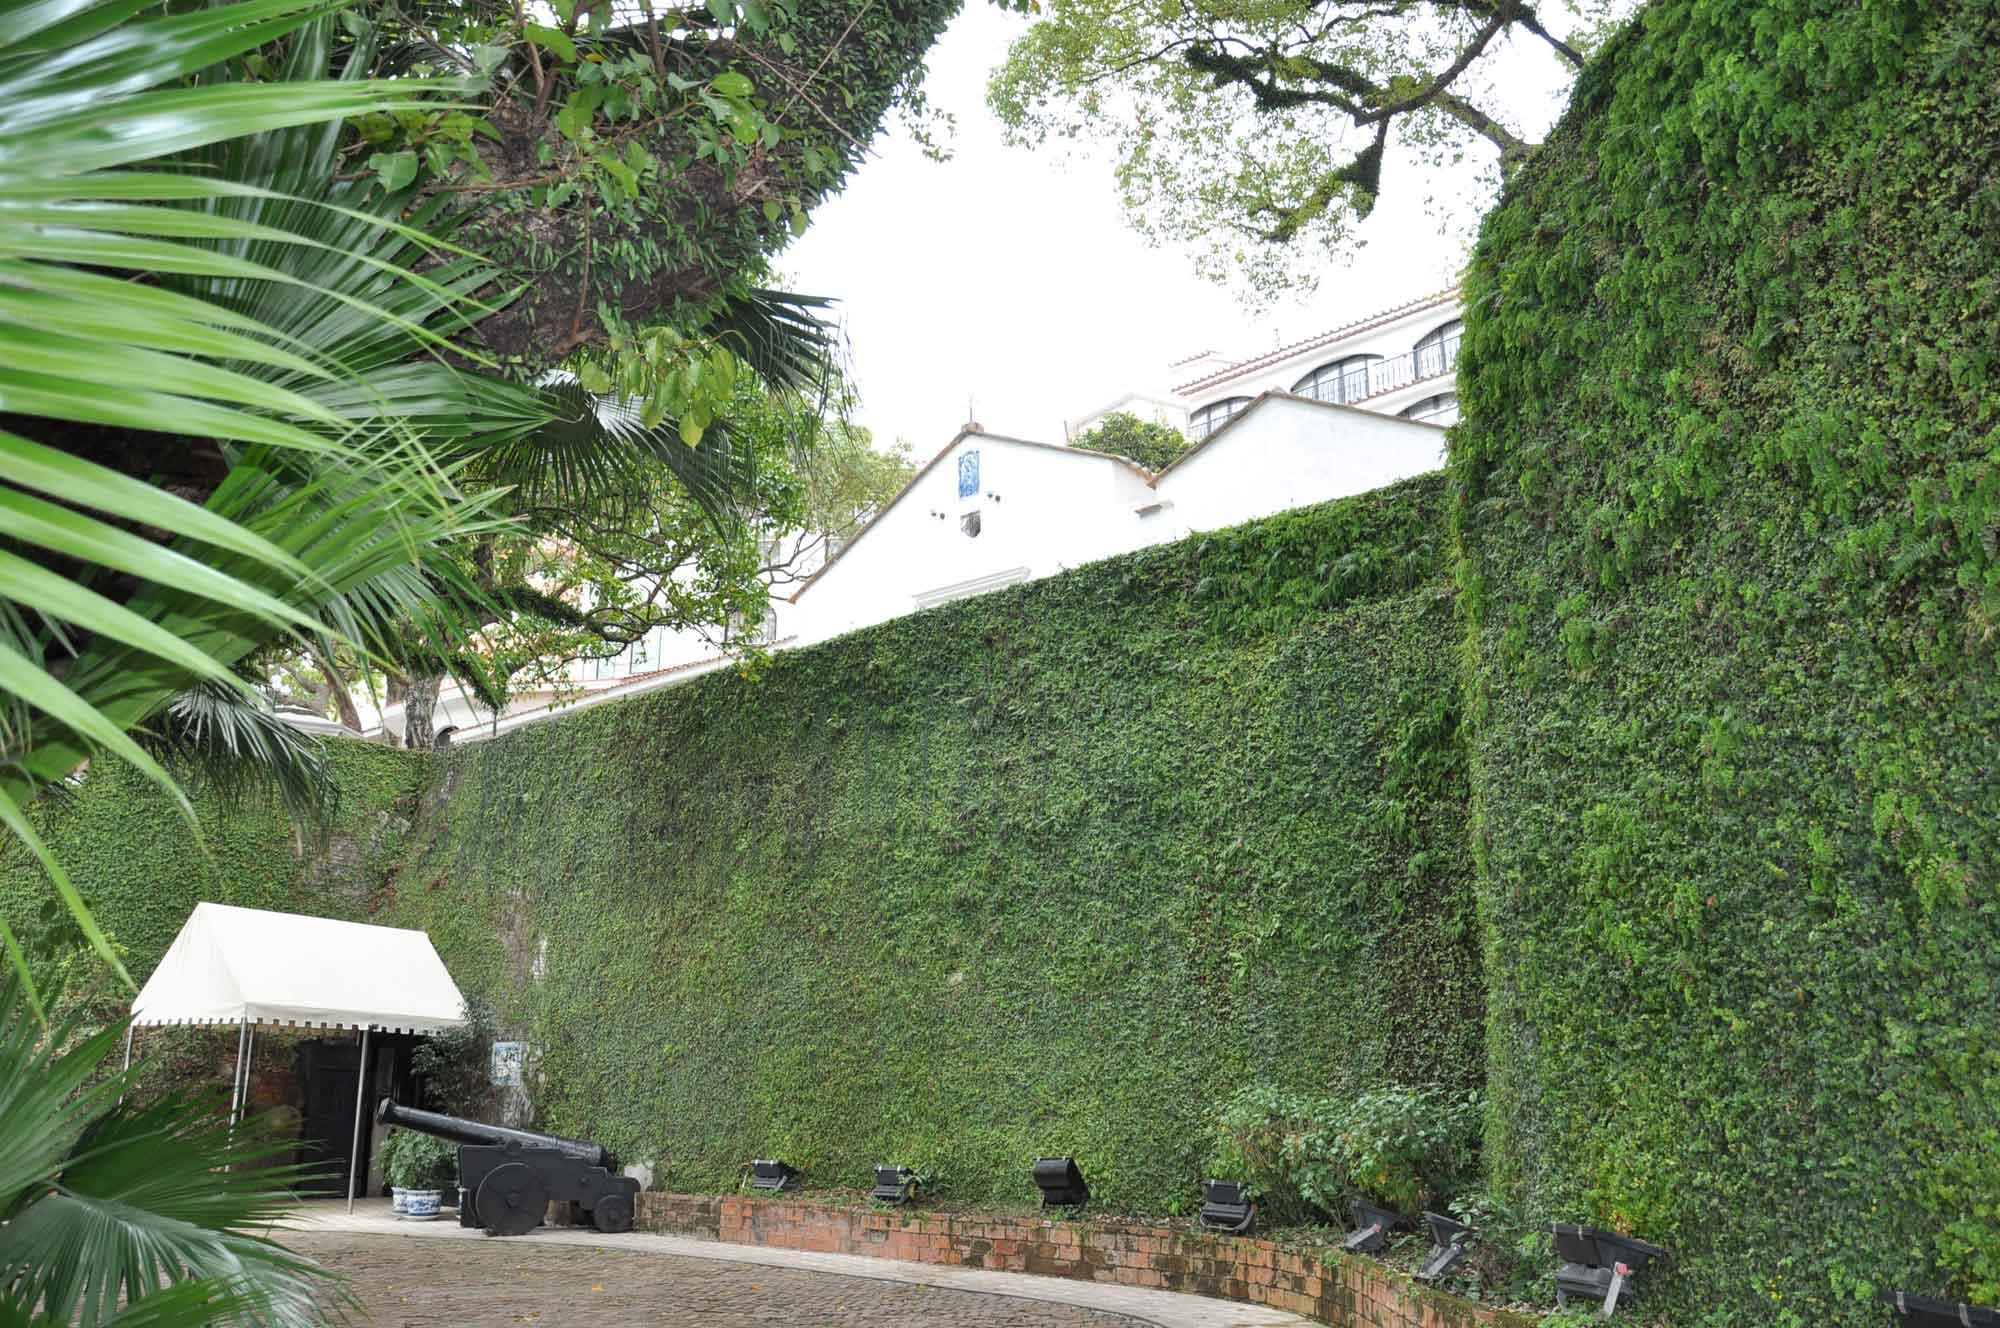 Pousada de Sao Tiago Macau green moss wall